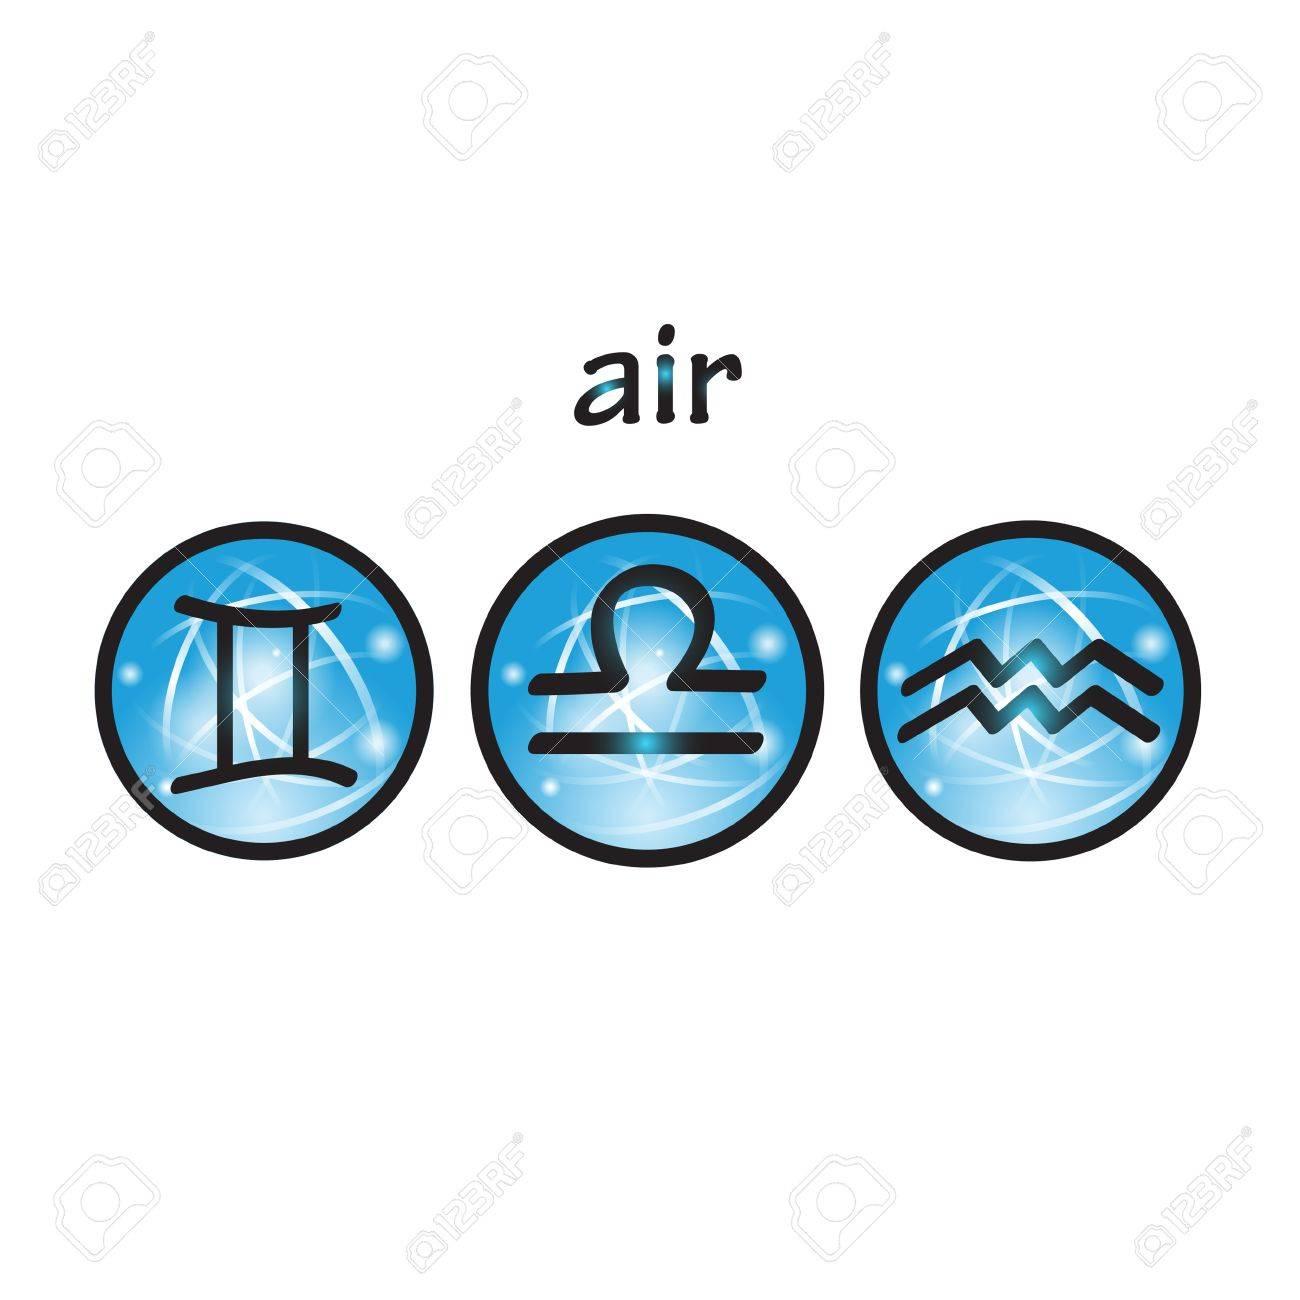 Horoscope symbols air element libra gemini aquarius royalty horoscope symbols air element libra gemini aquarius stock vector 52485979 biocorpaavc Choice Image